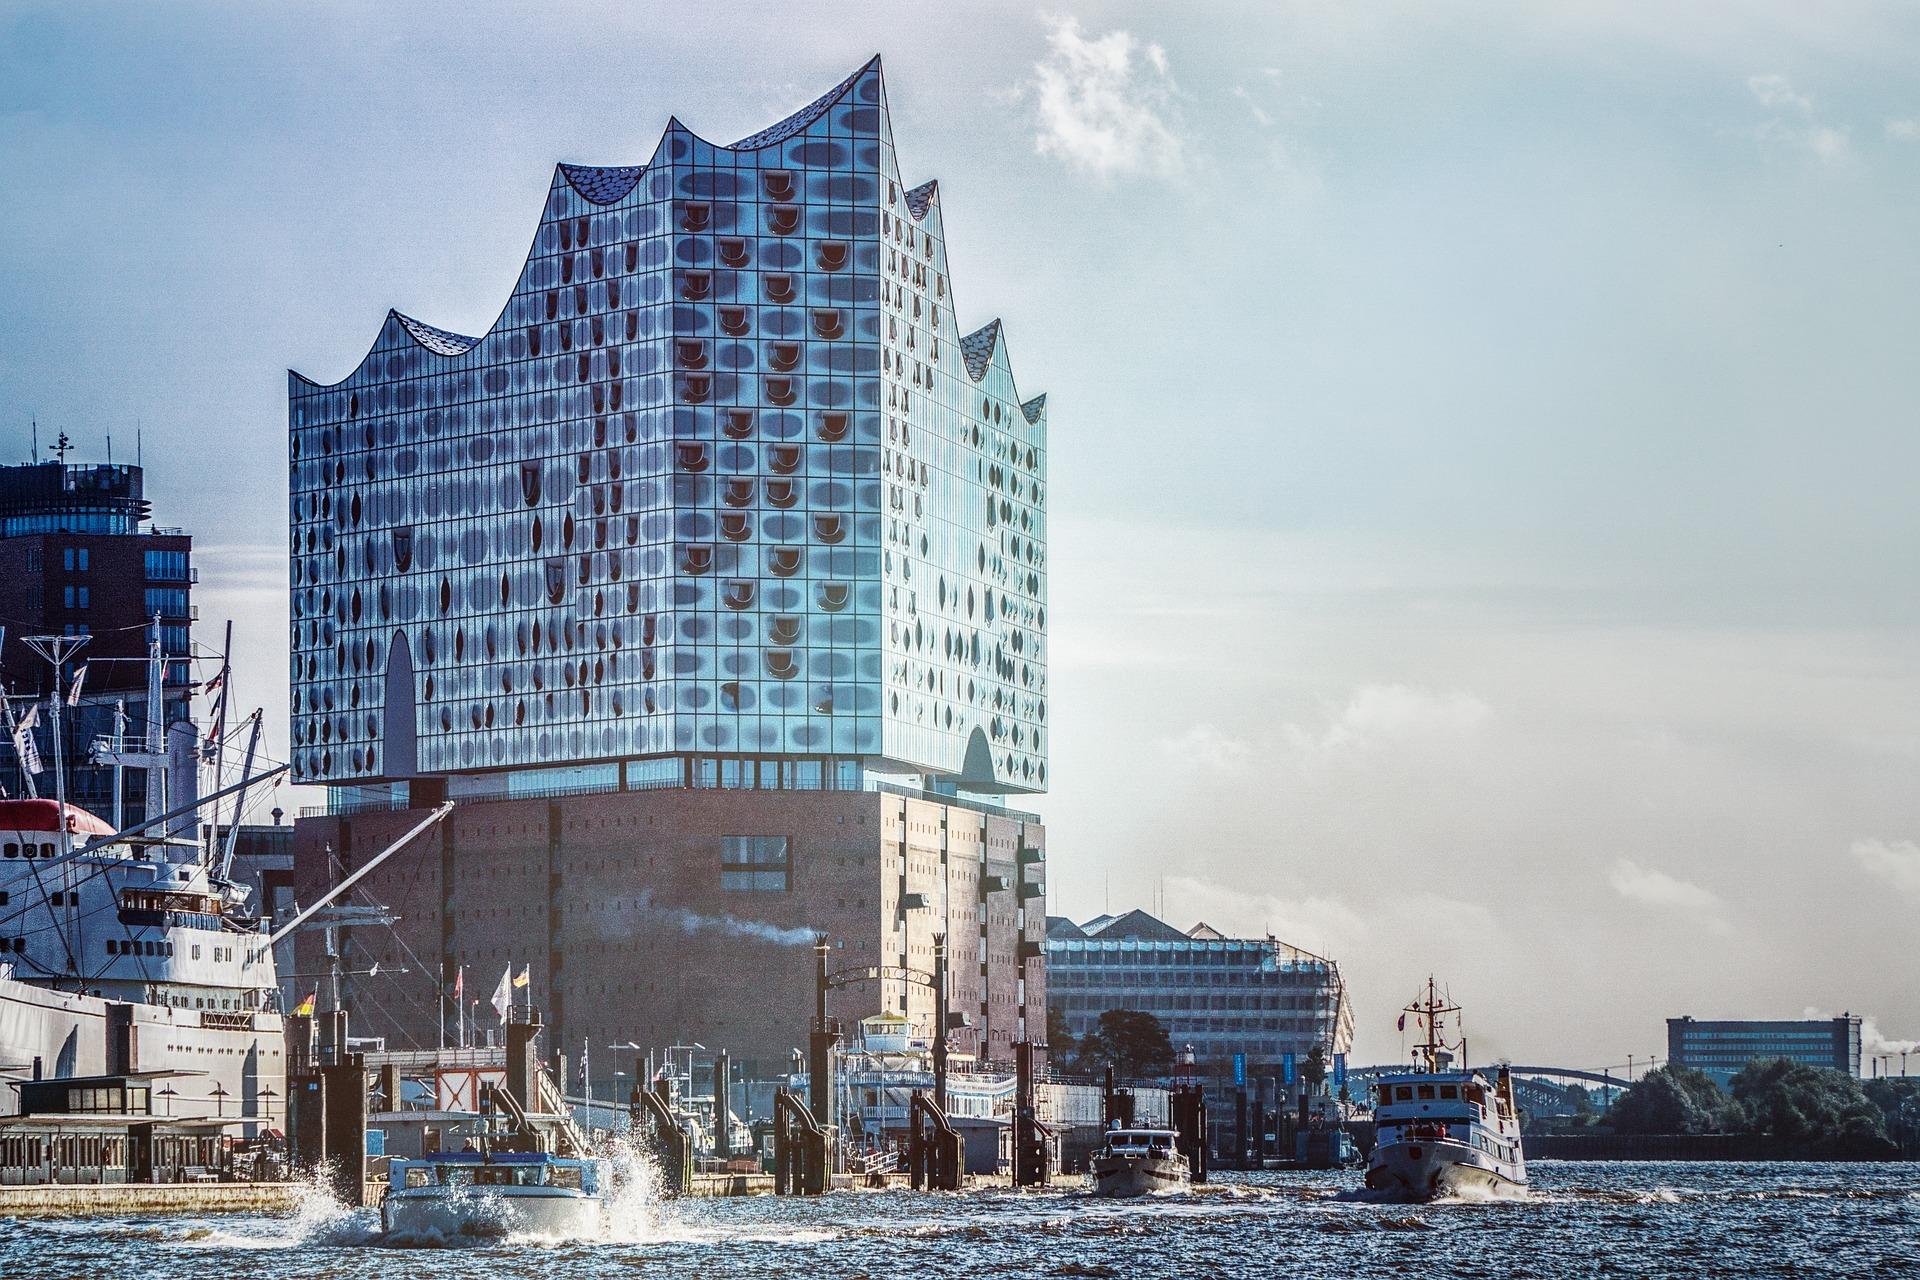 Abbildung_3_Die_Hansestadt_Hamburg_liegt_im_Ranking_auf_Platz_3o3WJwh